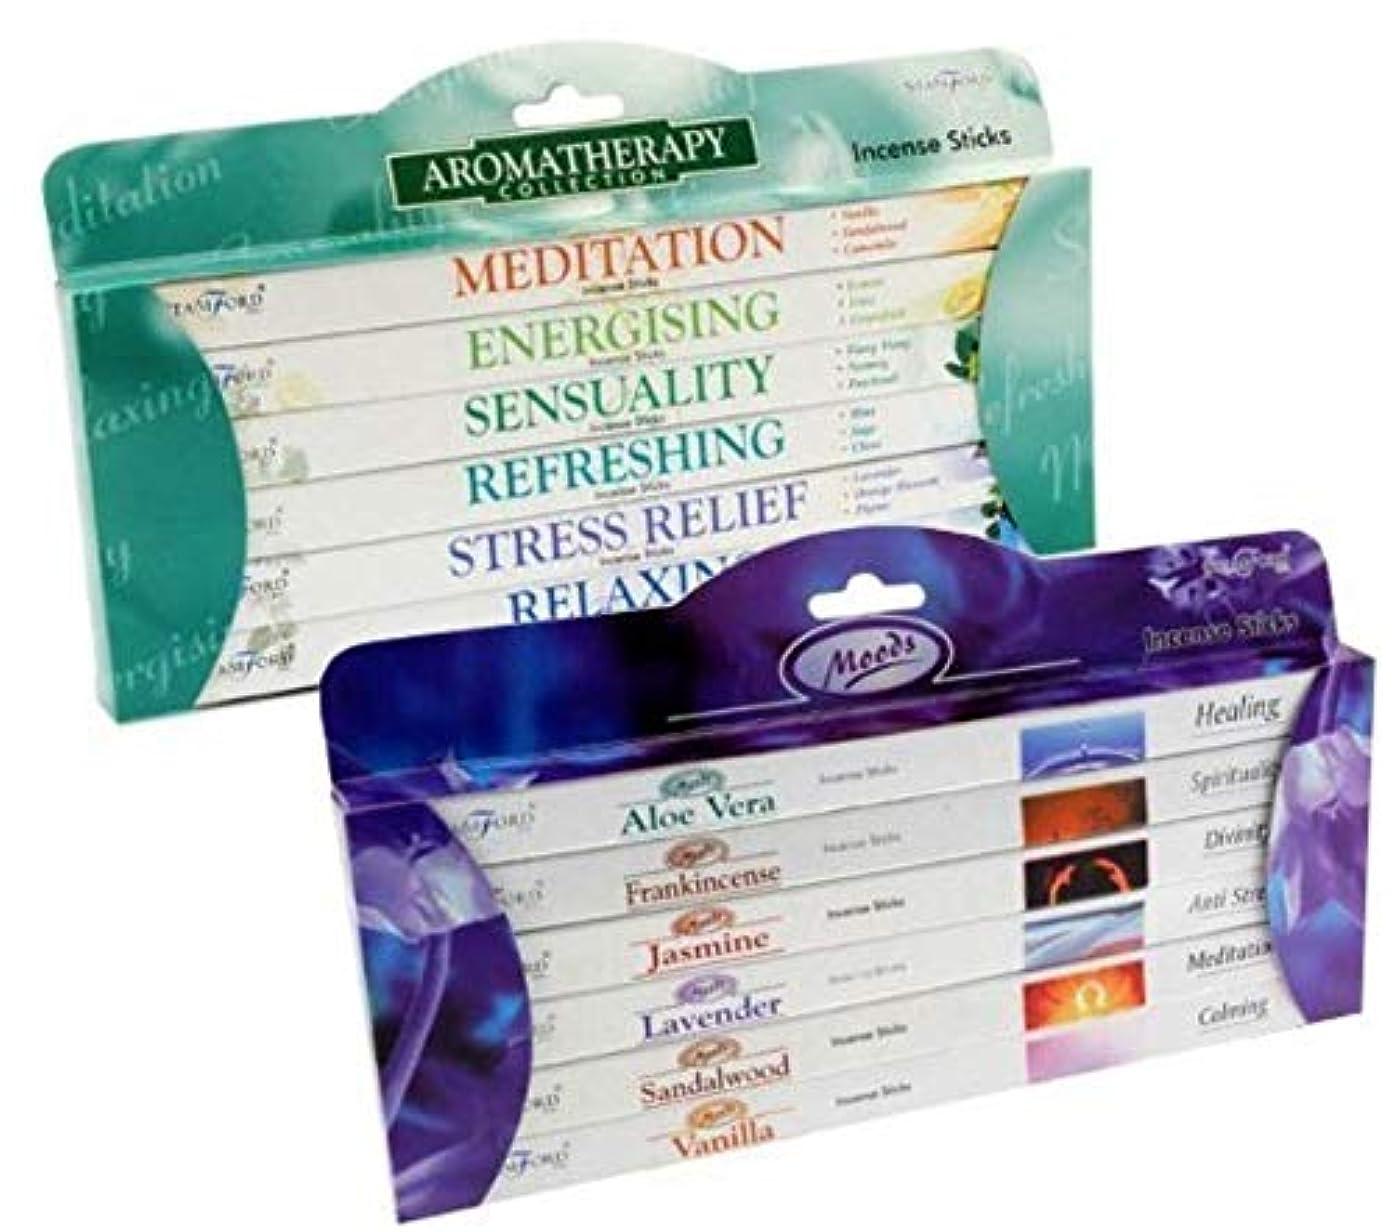 一見ビルマ管理Value Gift Set of 96 Incense Sticks - Moods and Aromatherapy by Stamford by Stamford and Tulasi